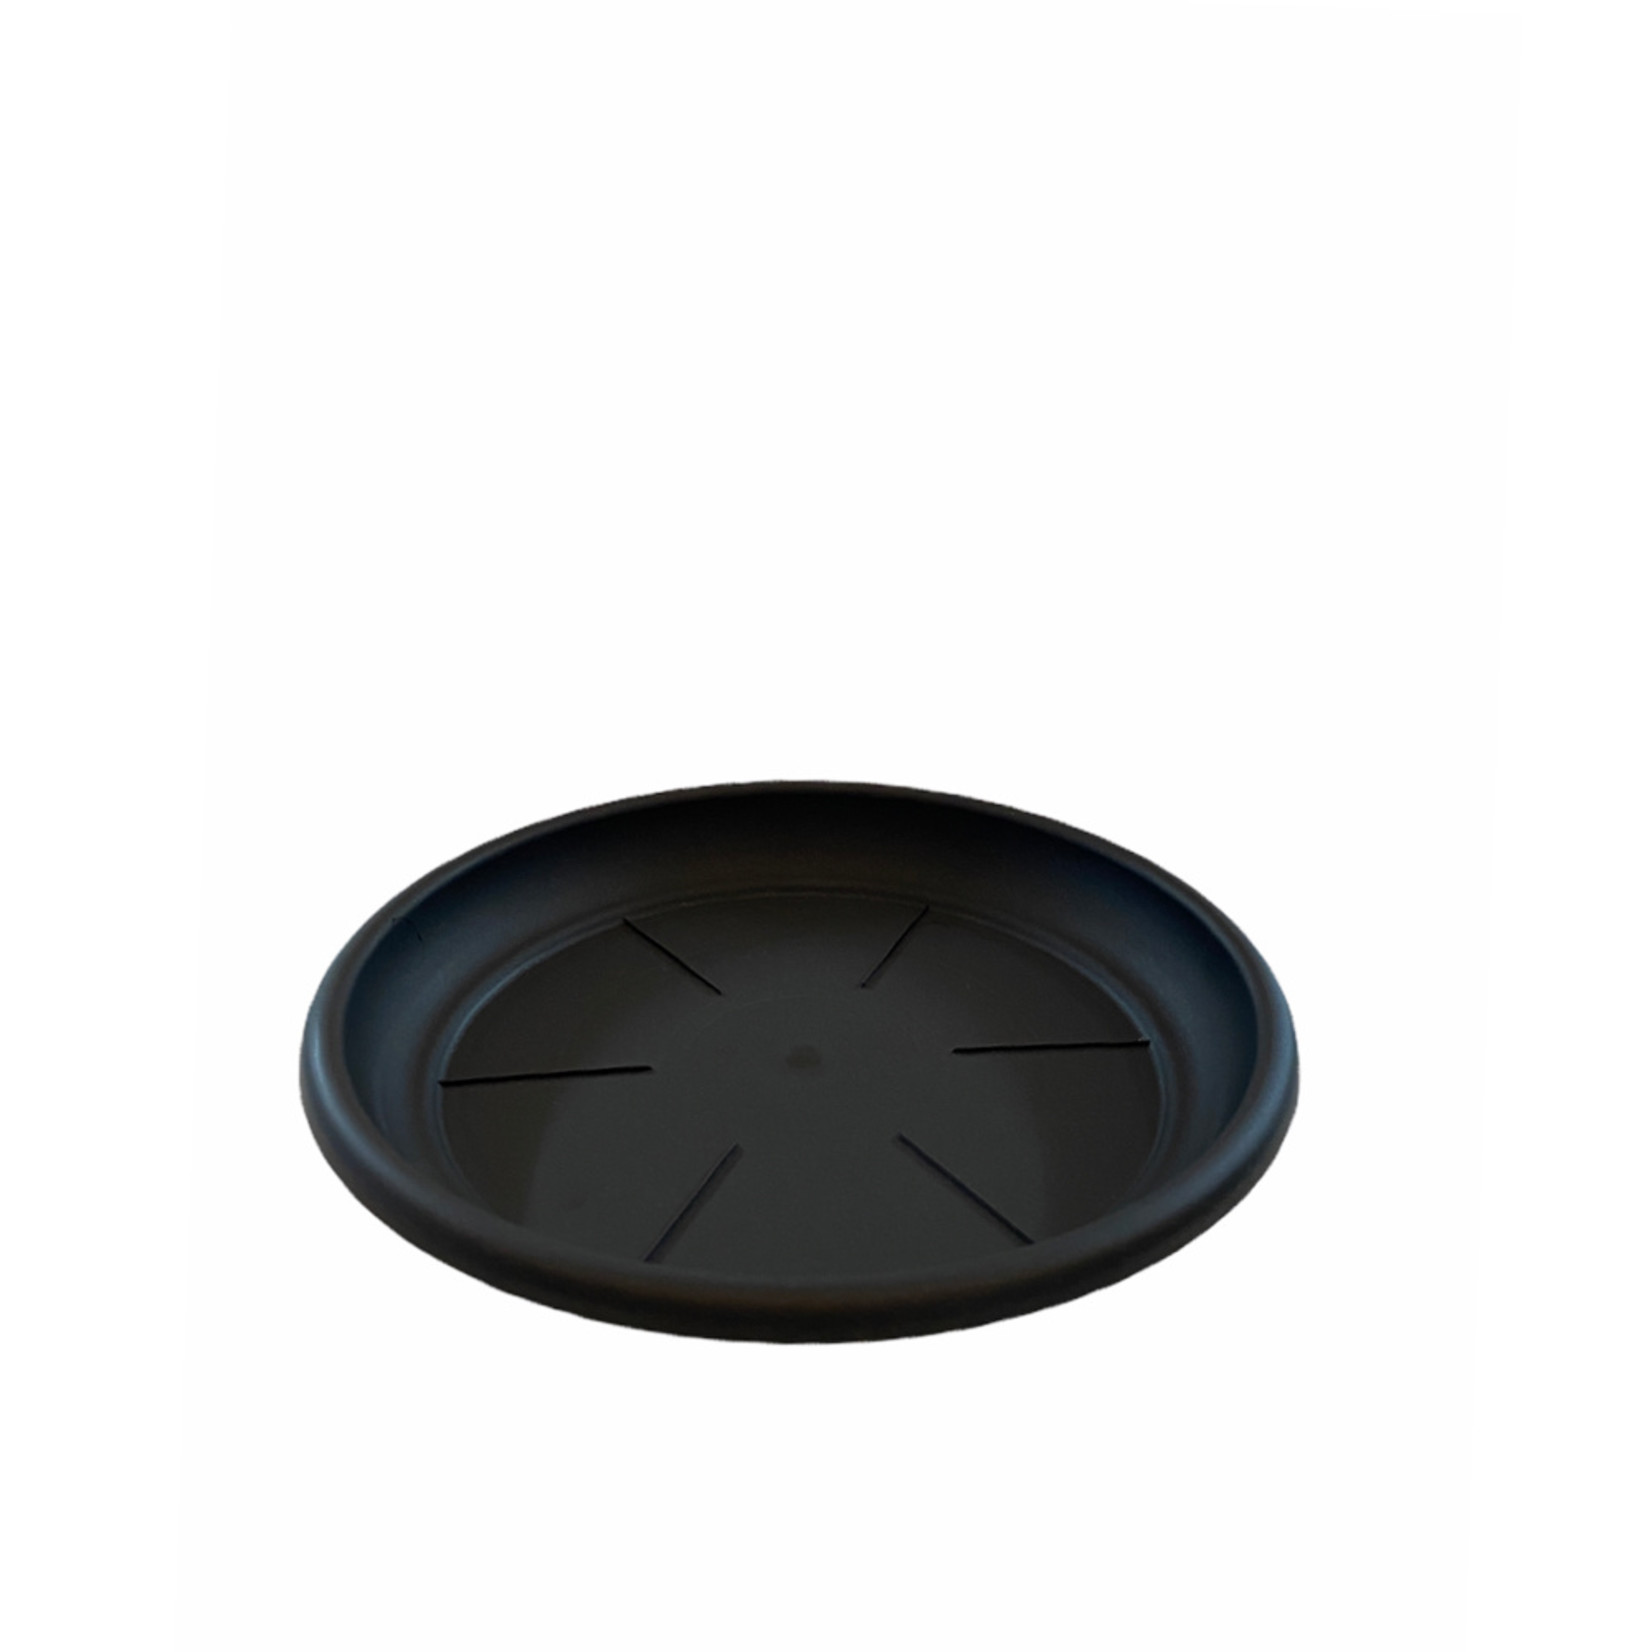 Teraplast Sottovaso Antracite 18cm